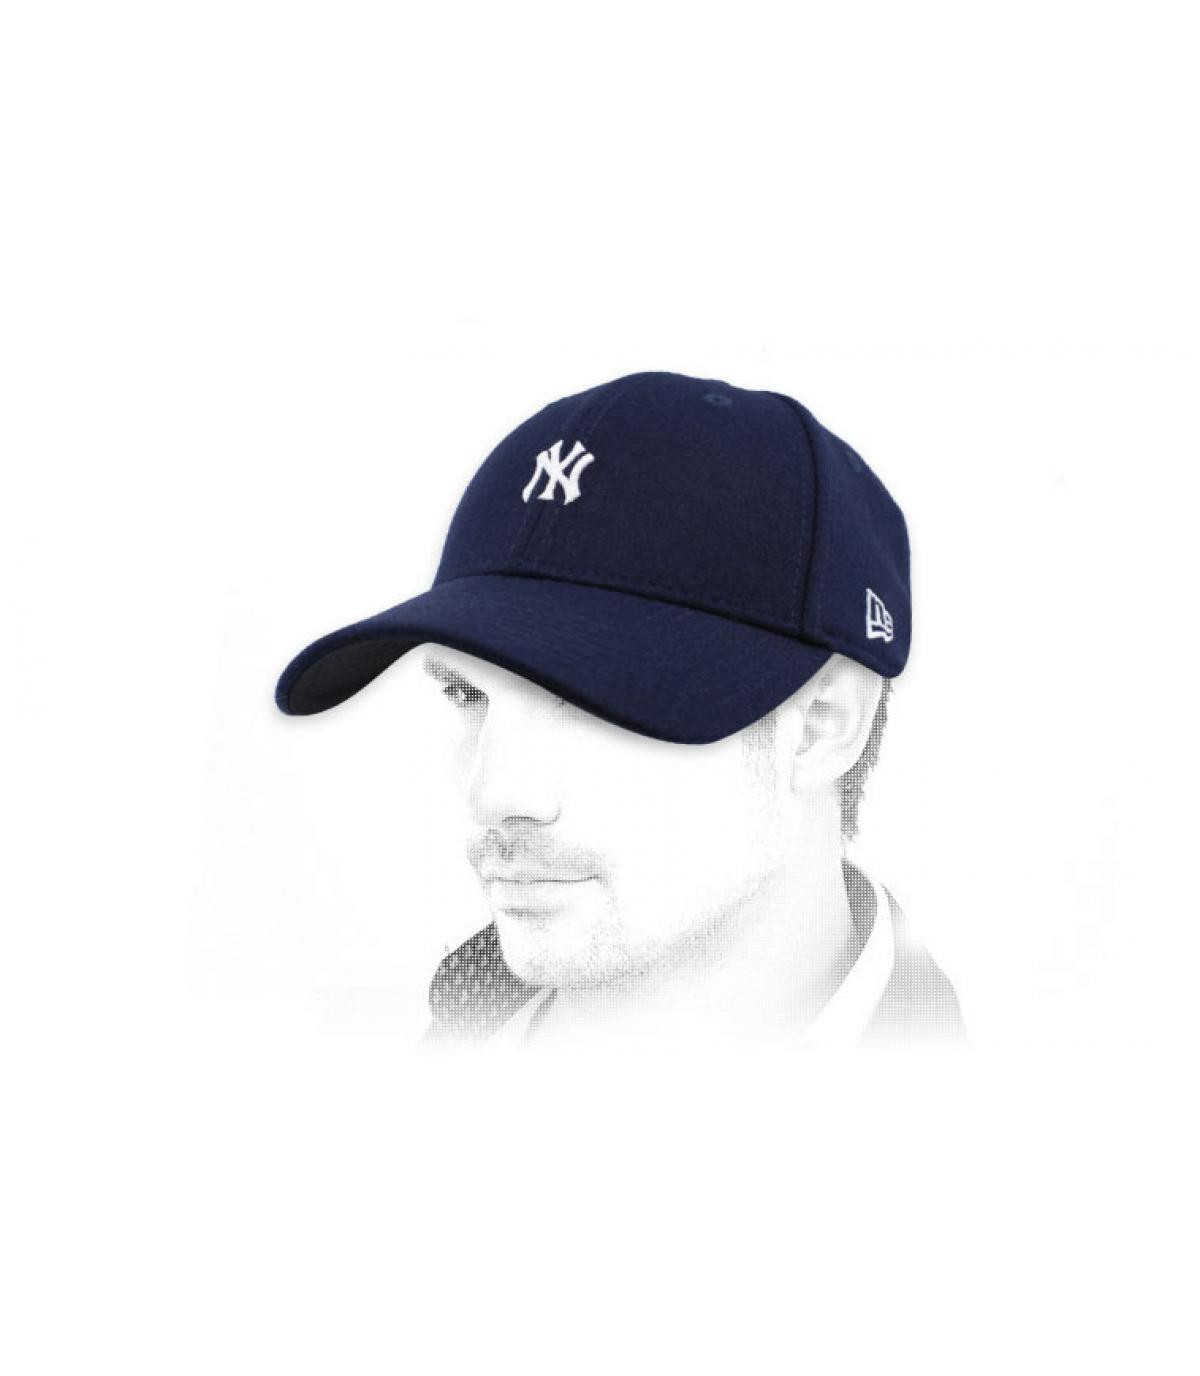 gorra NY azul marino mini logo